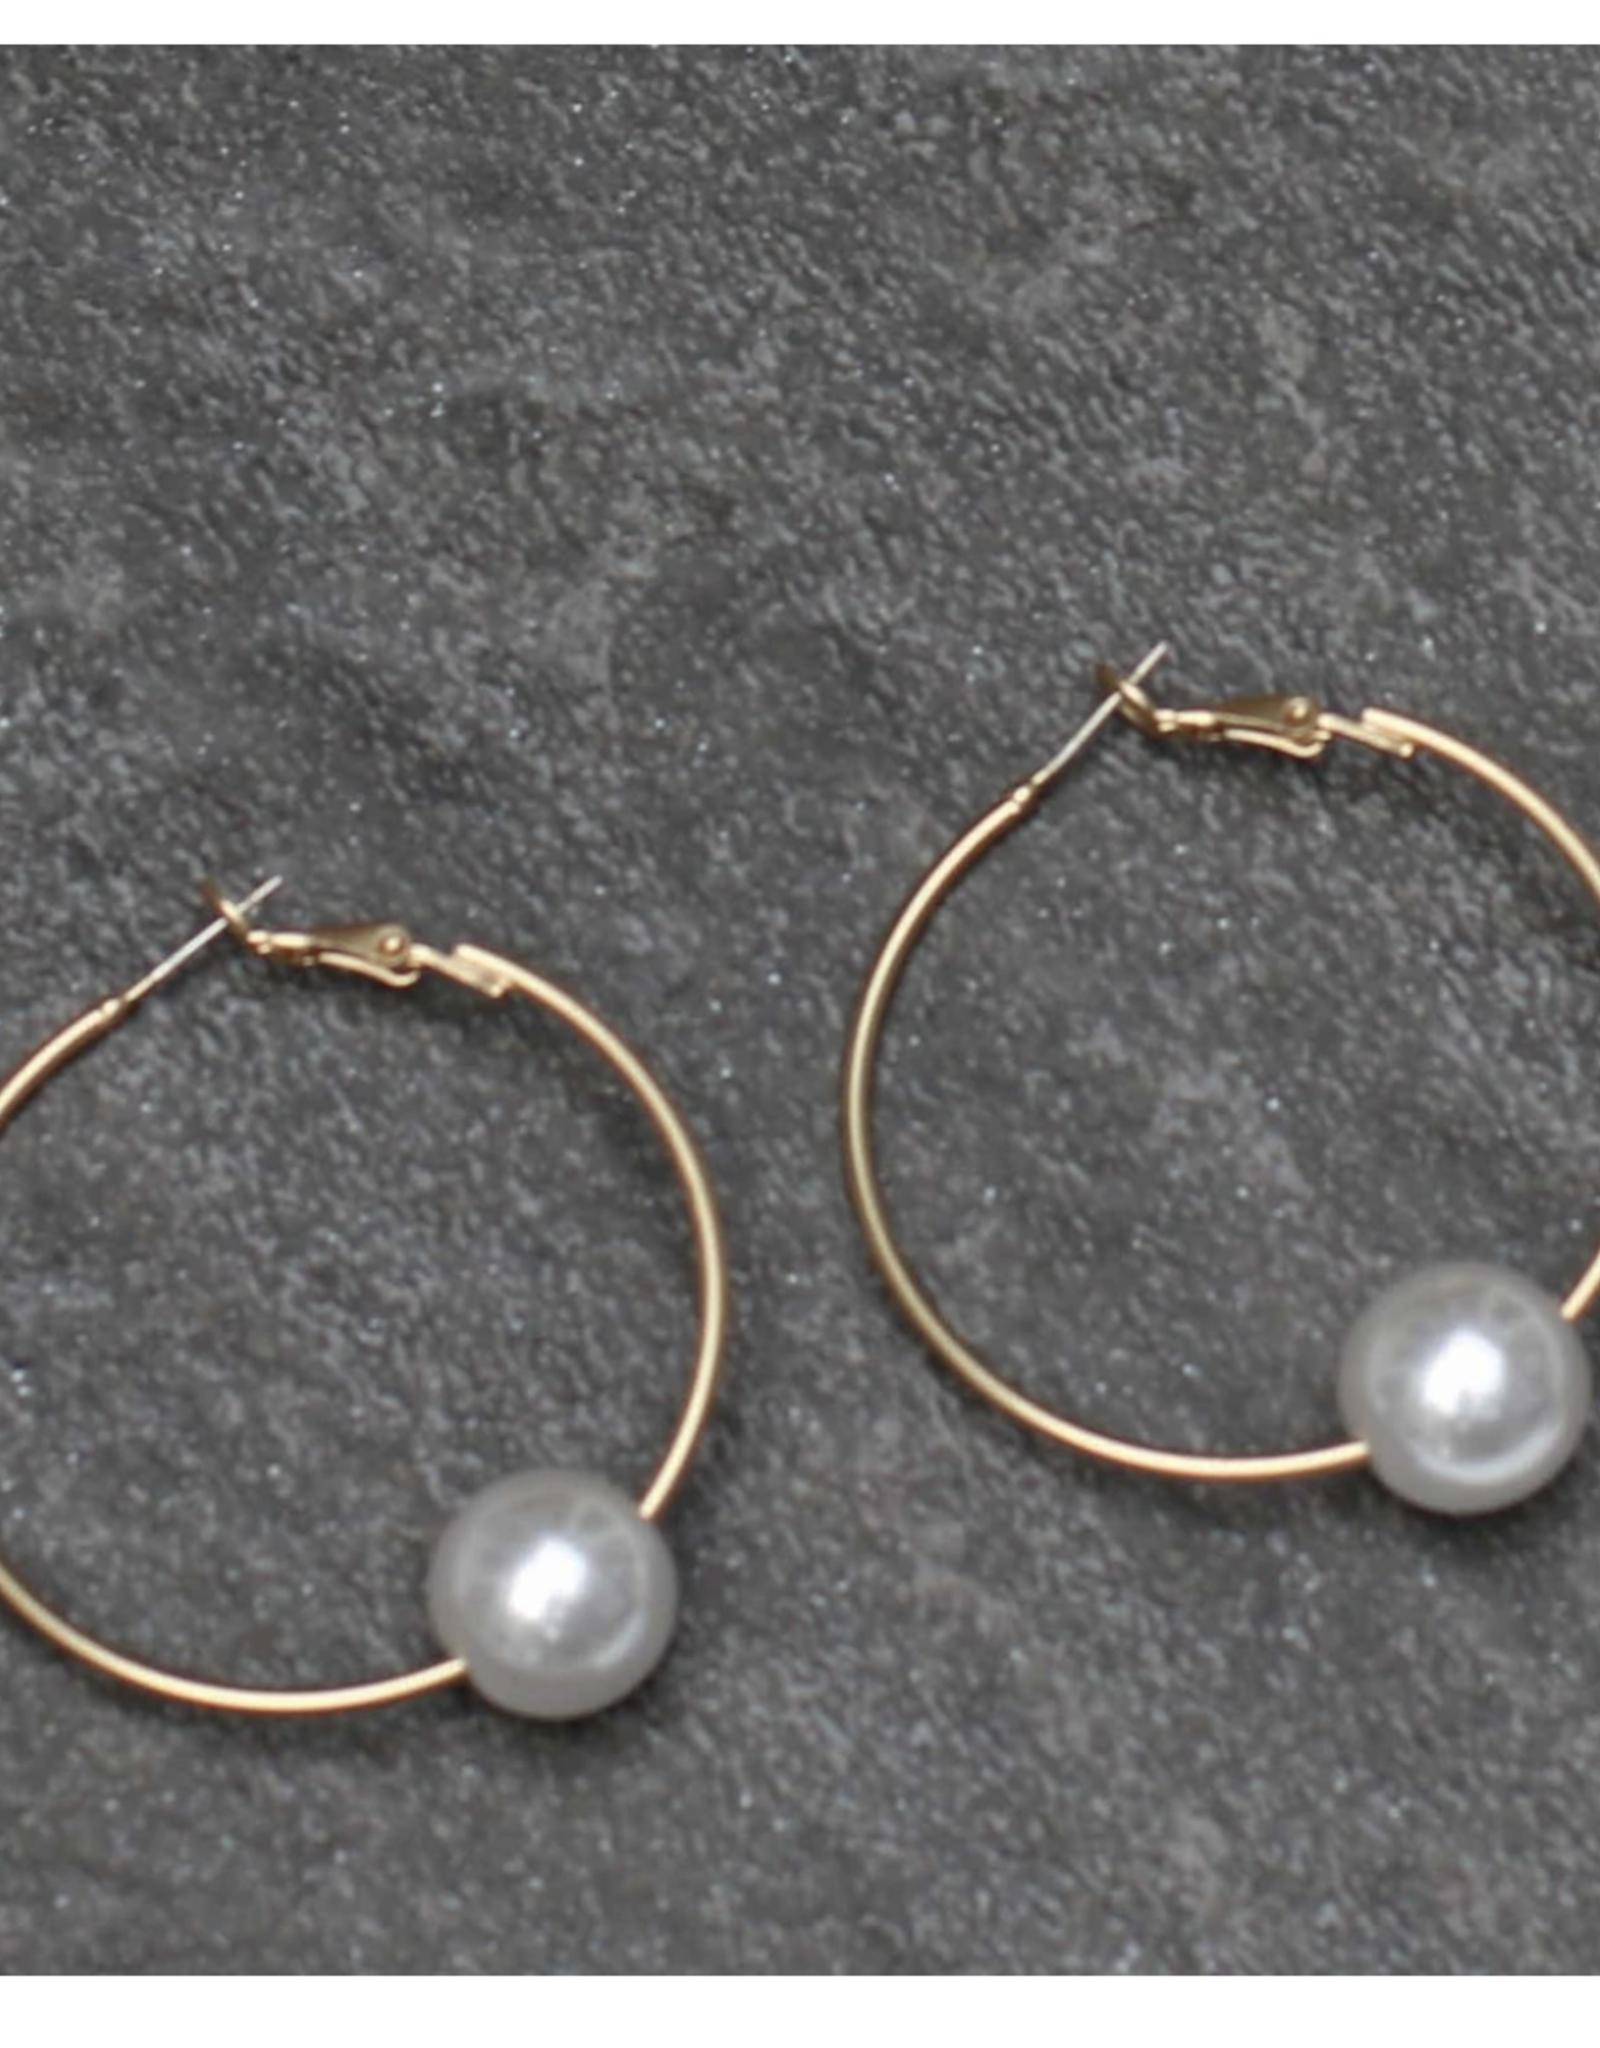 Michelle McDowell Gold yani earrings